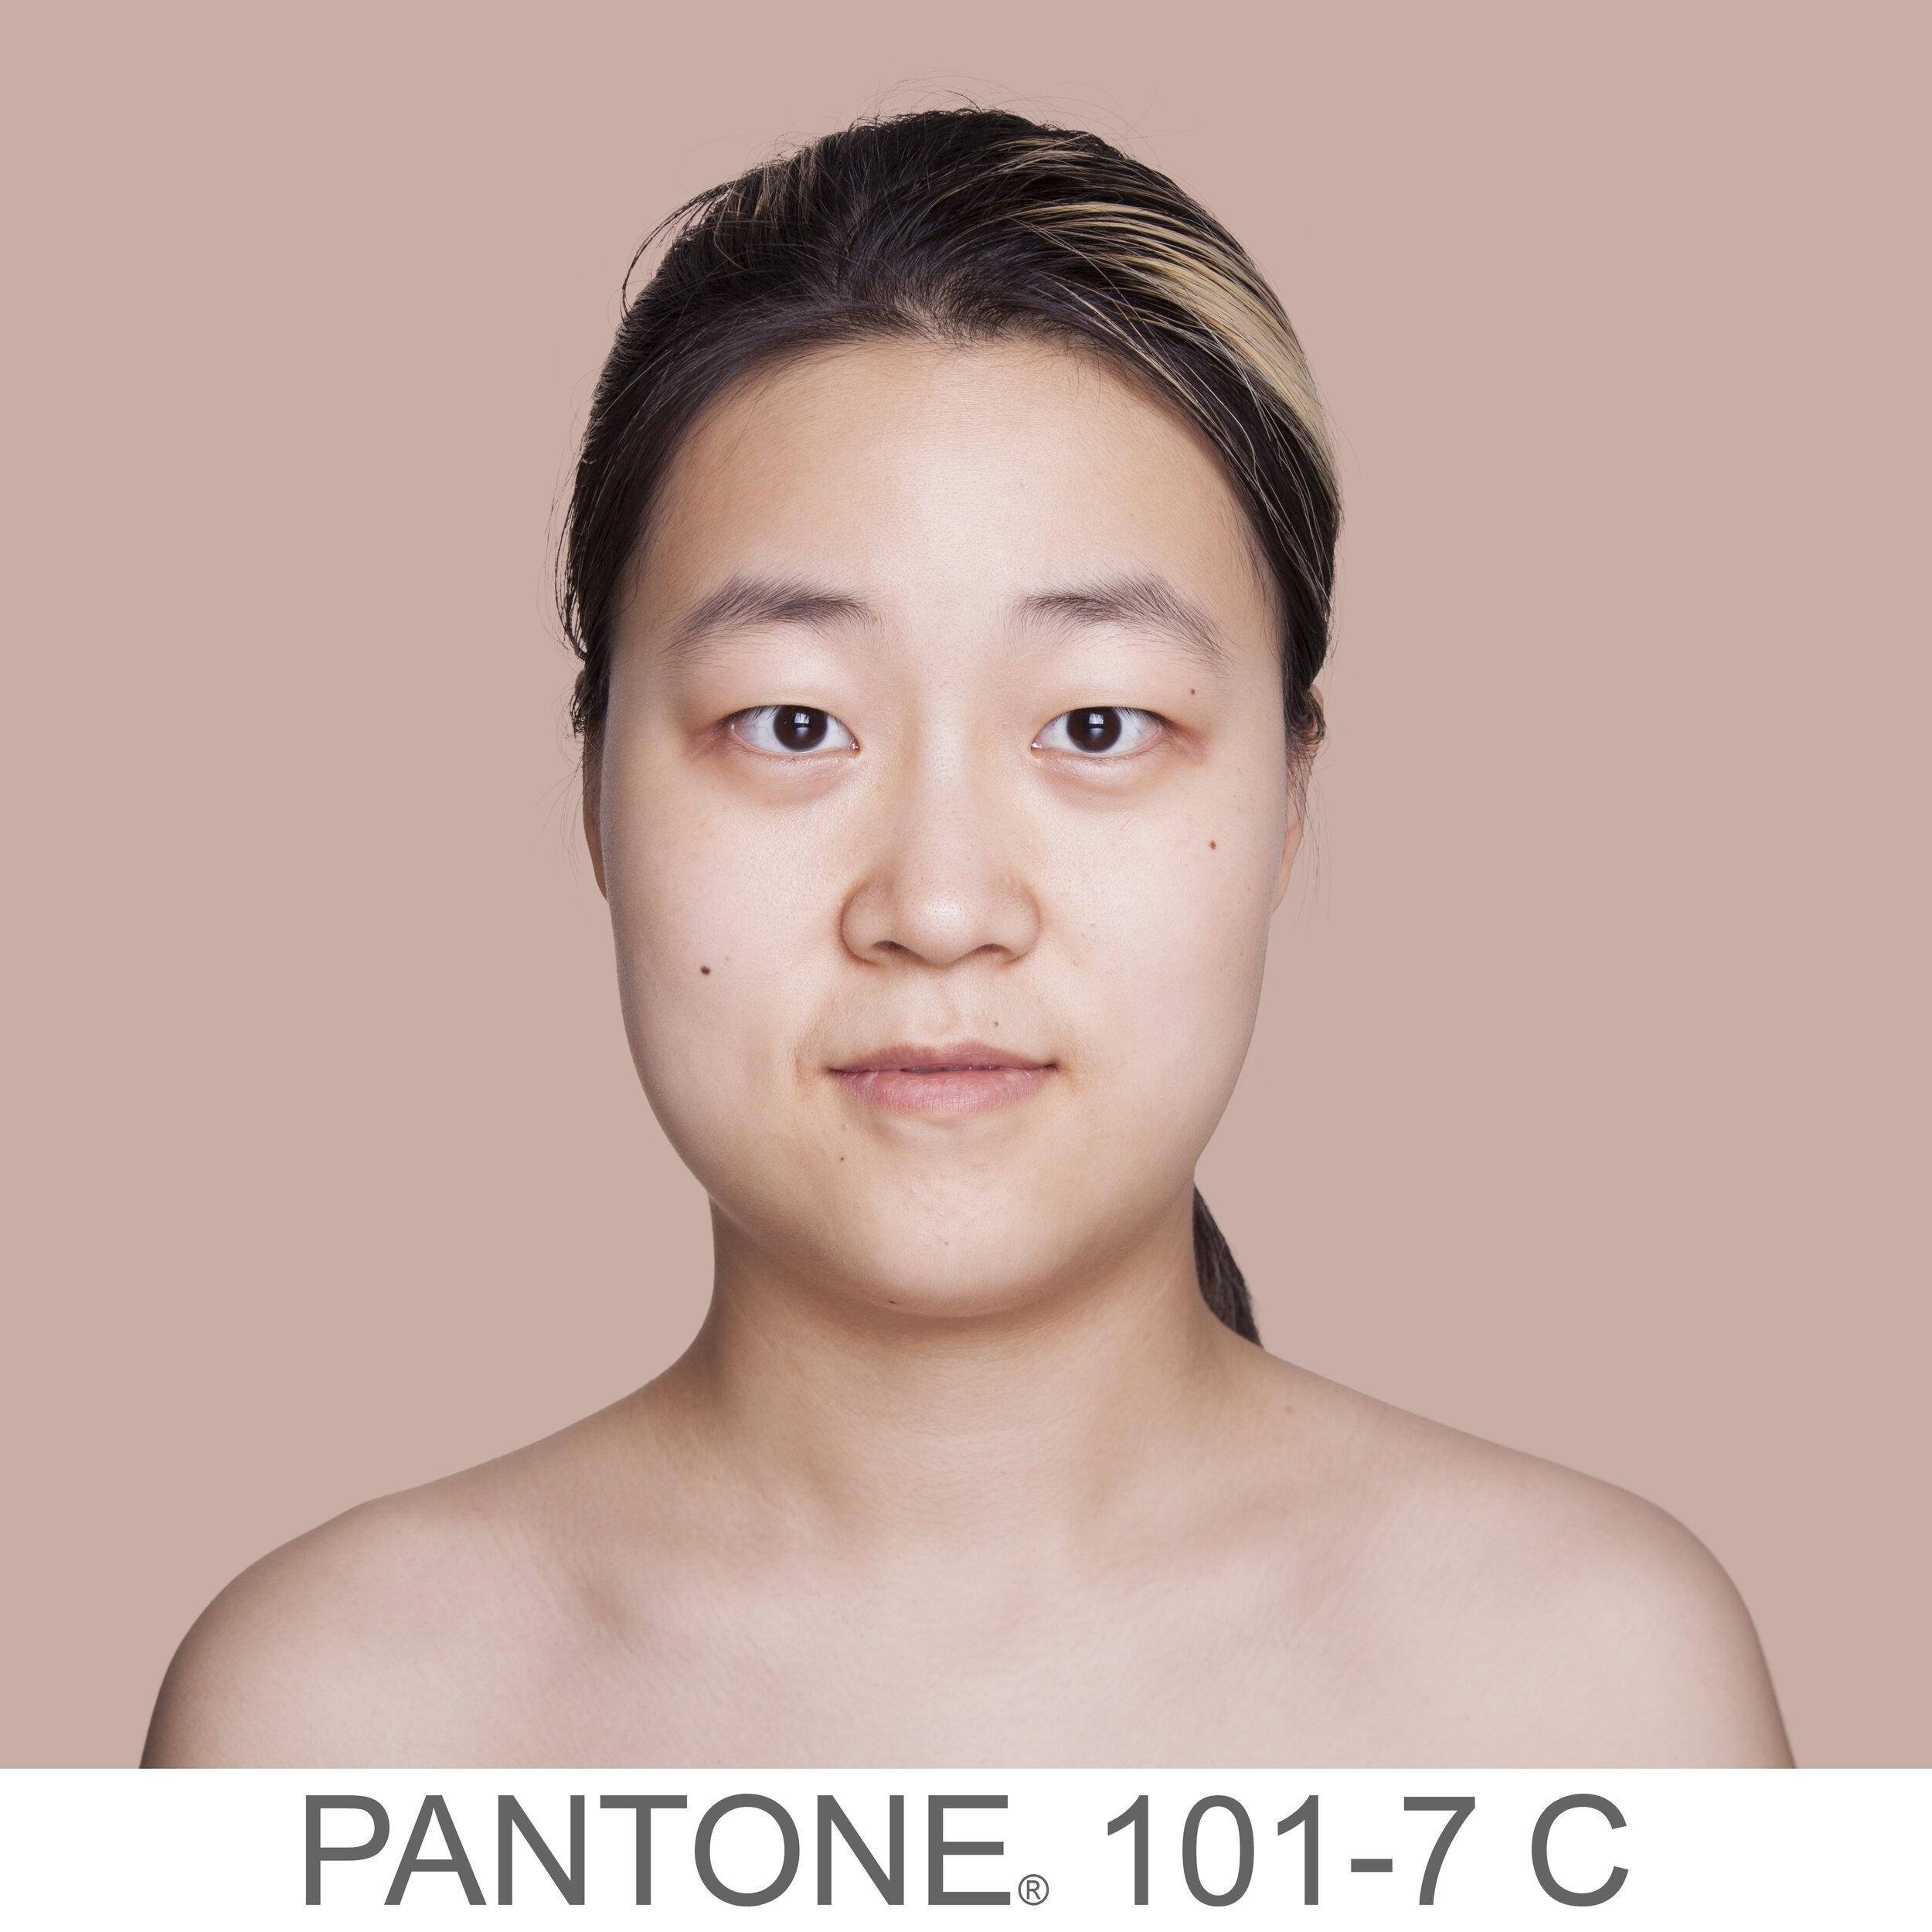 humanae 101-7 C CN copia.jpg